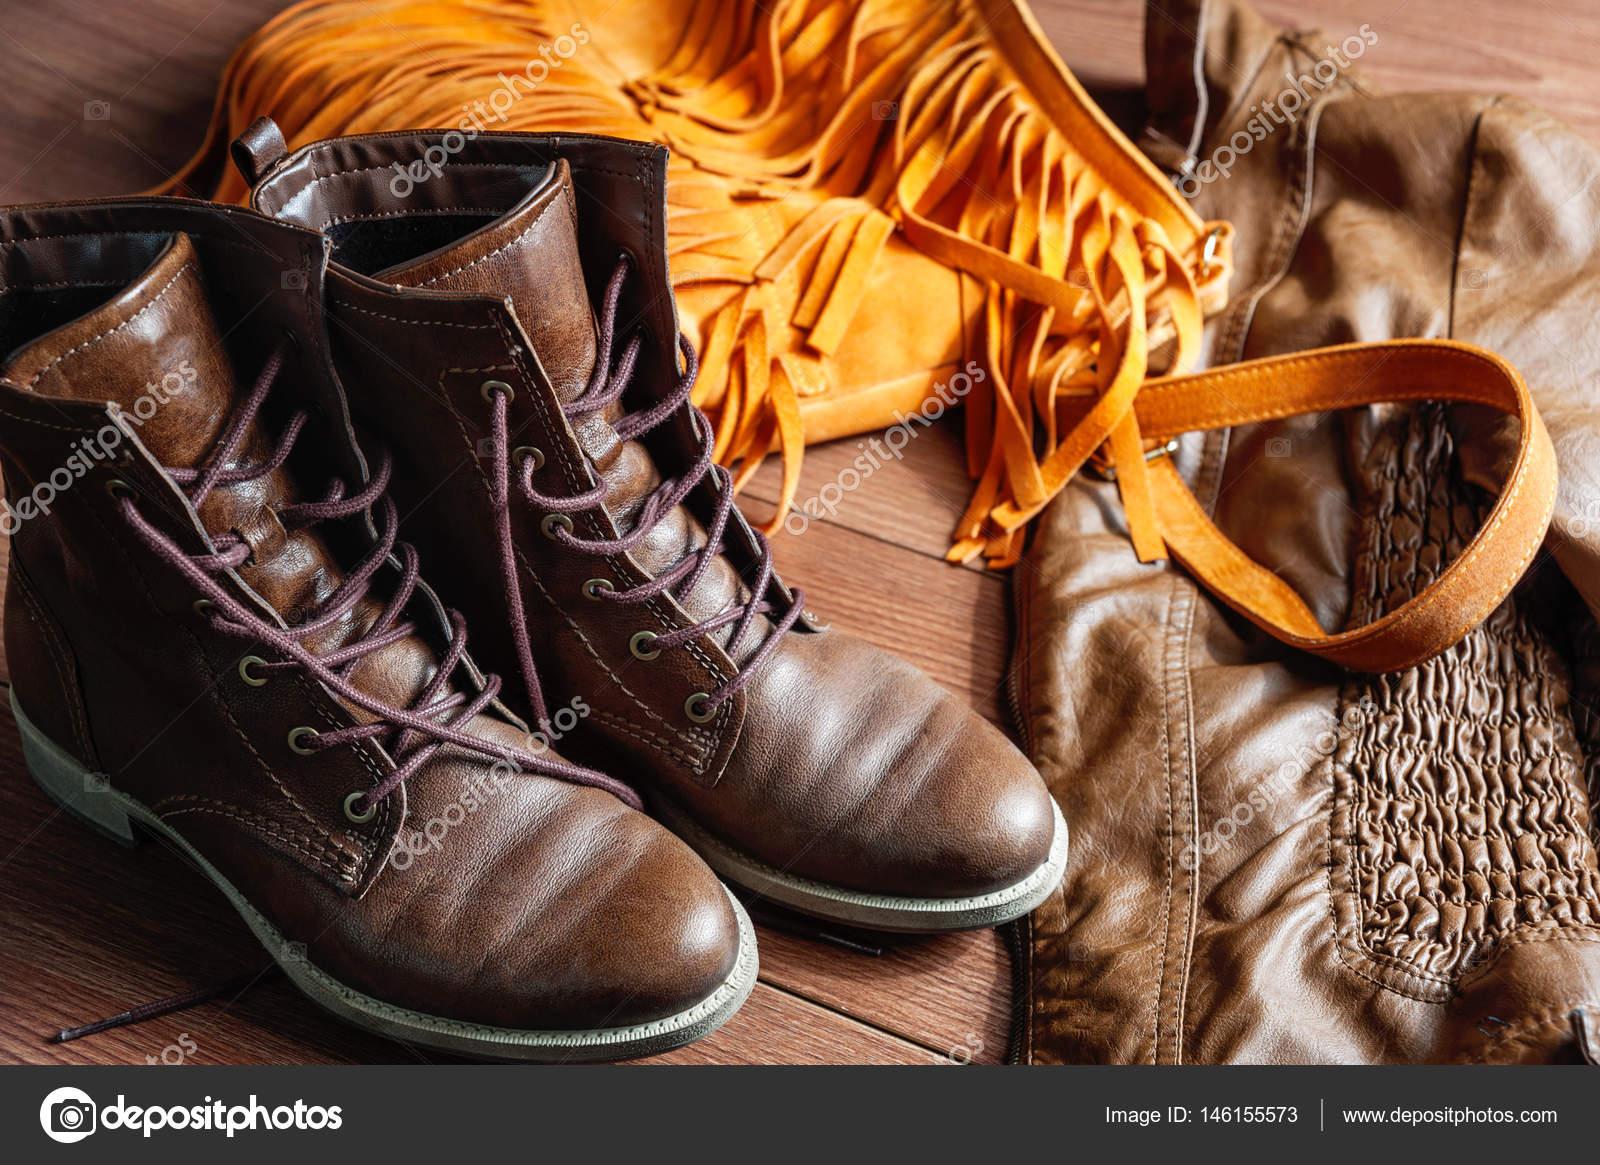 Vestes : vêtements, accessoires, chaussures, femme